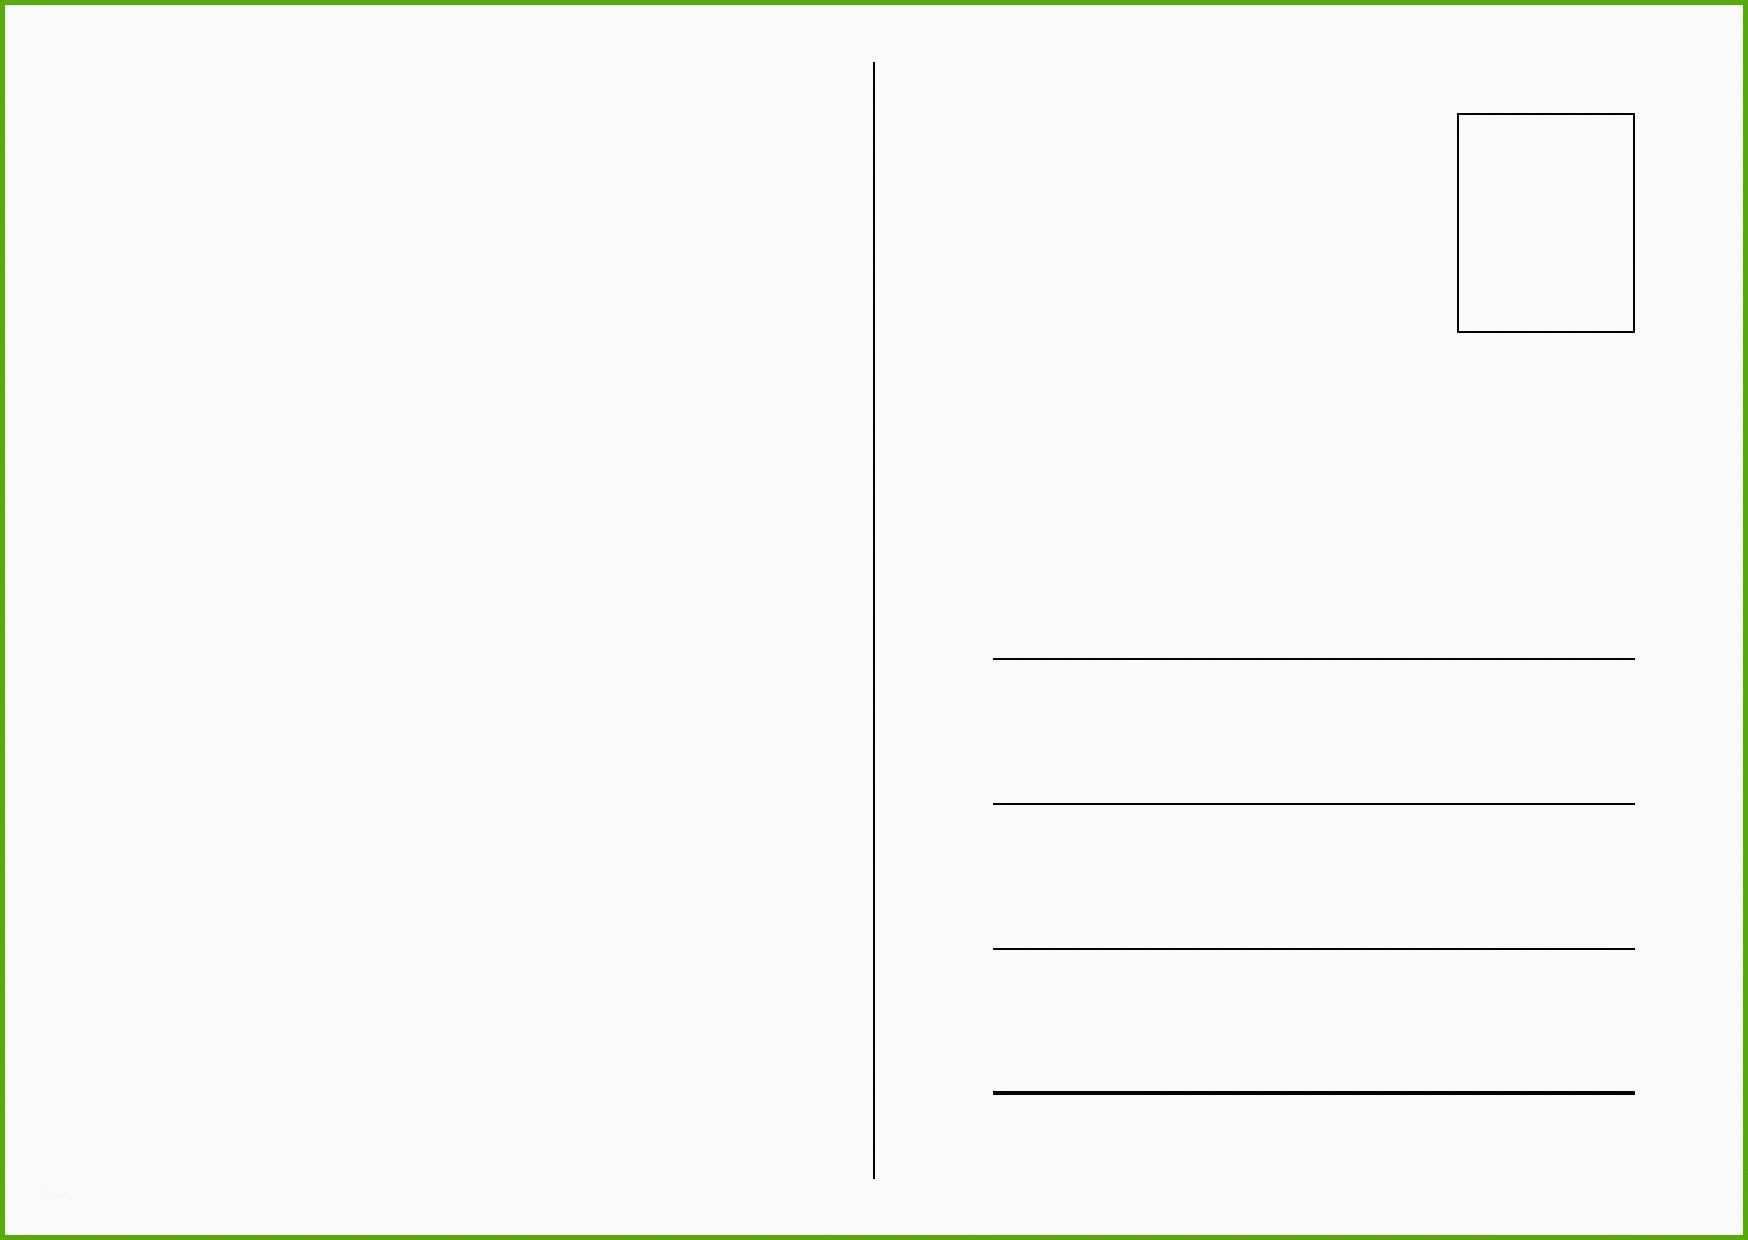 Postkarten Selber Drucken Vorlage Word 16 Stile Fur 2019 Einladungen Selbst Gestalten Word